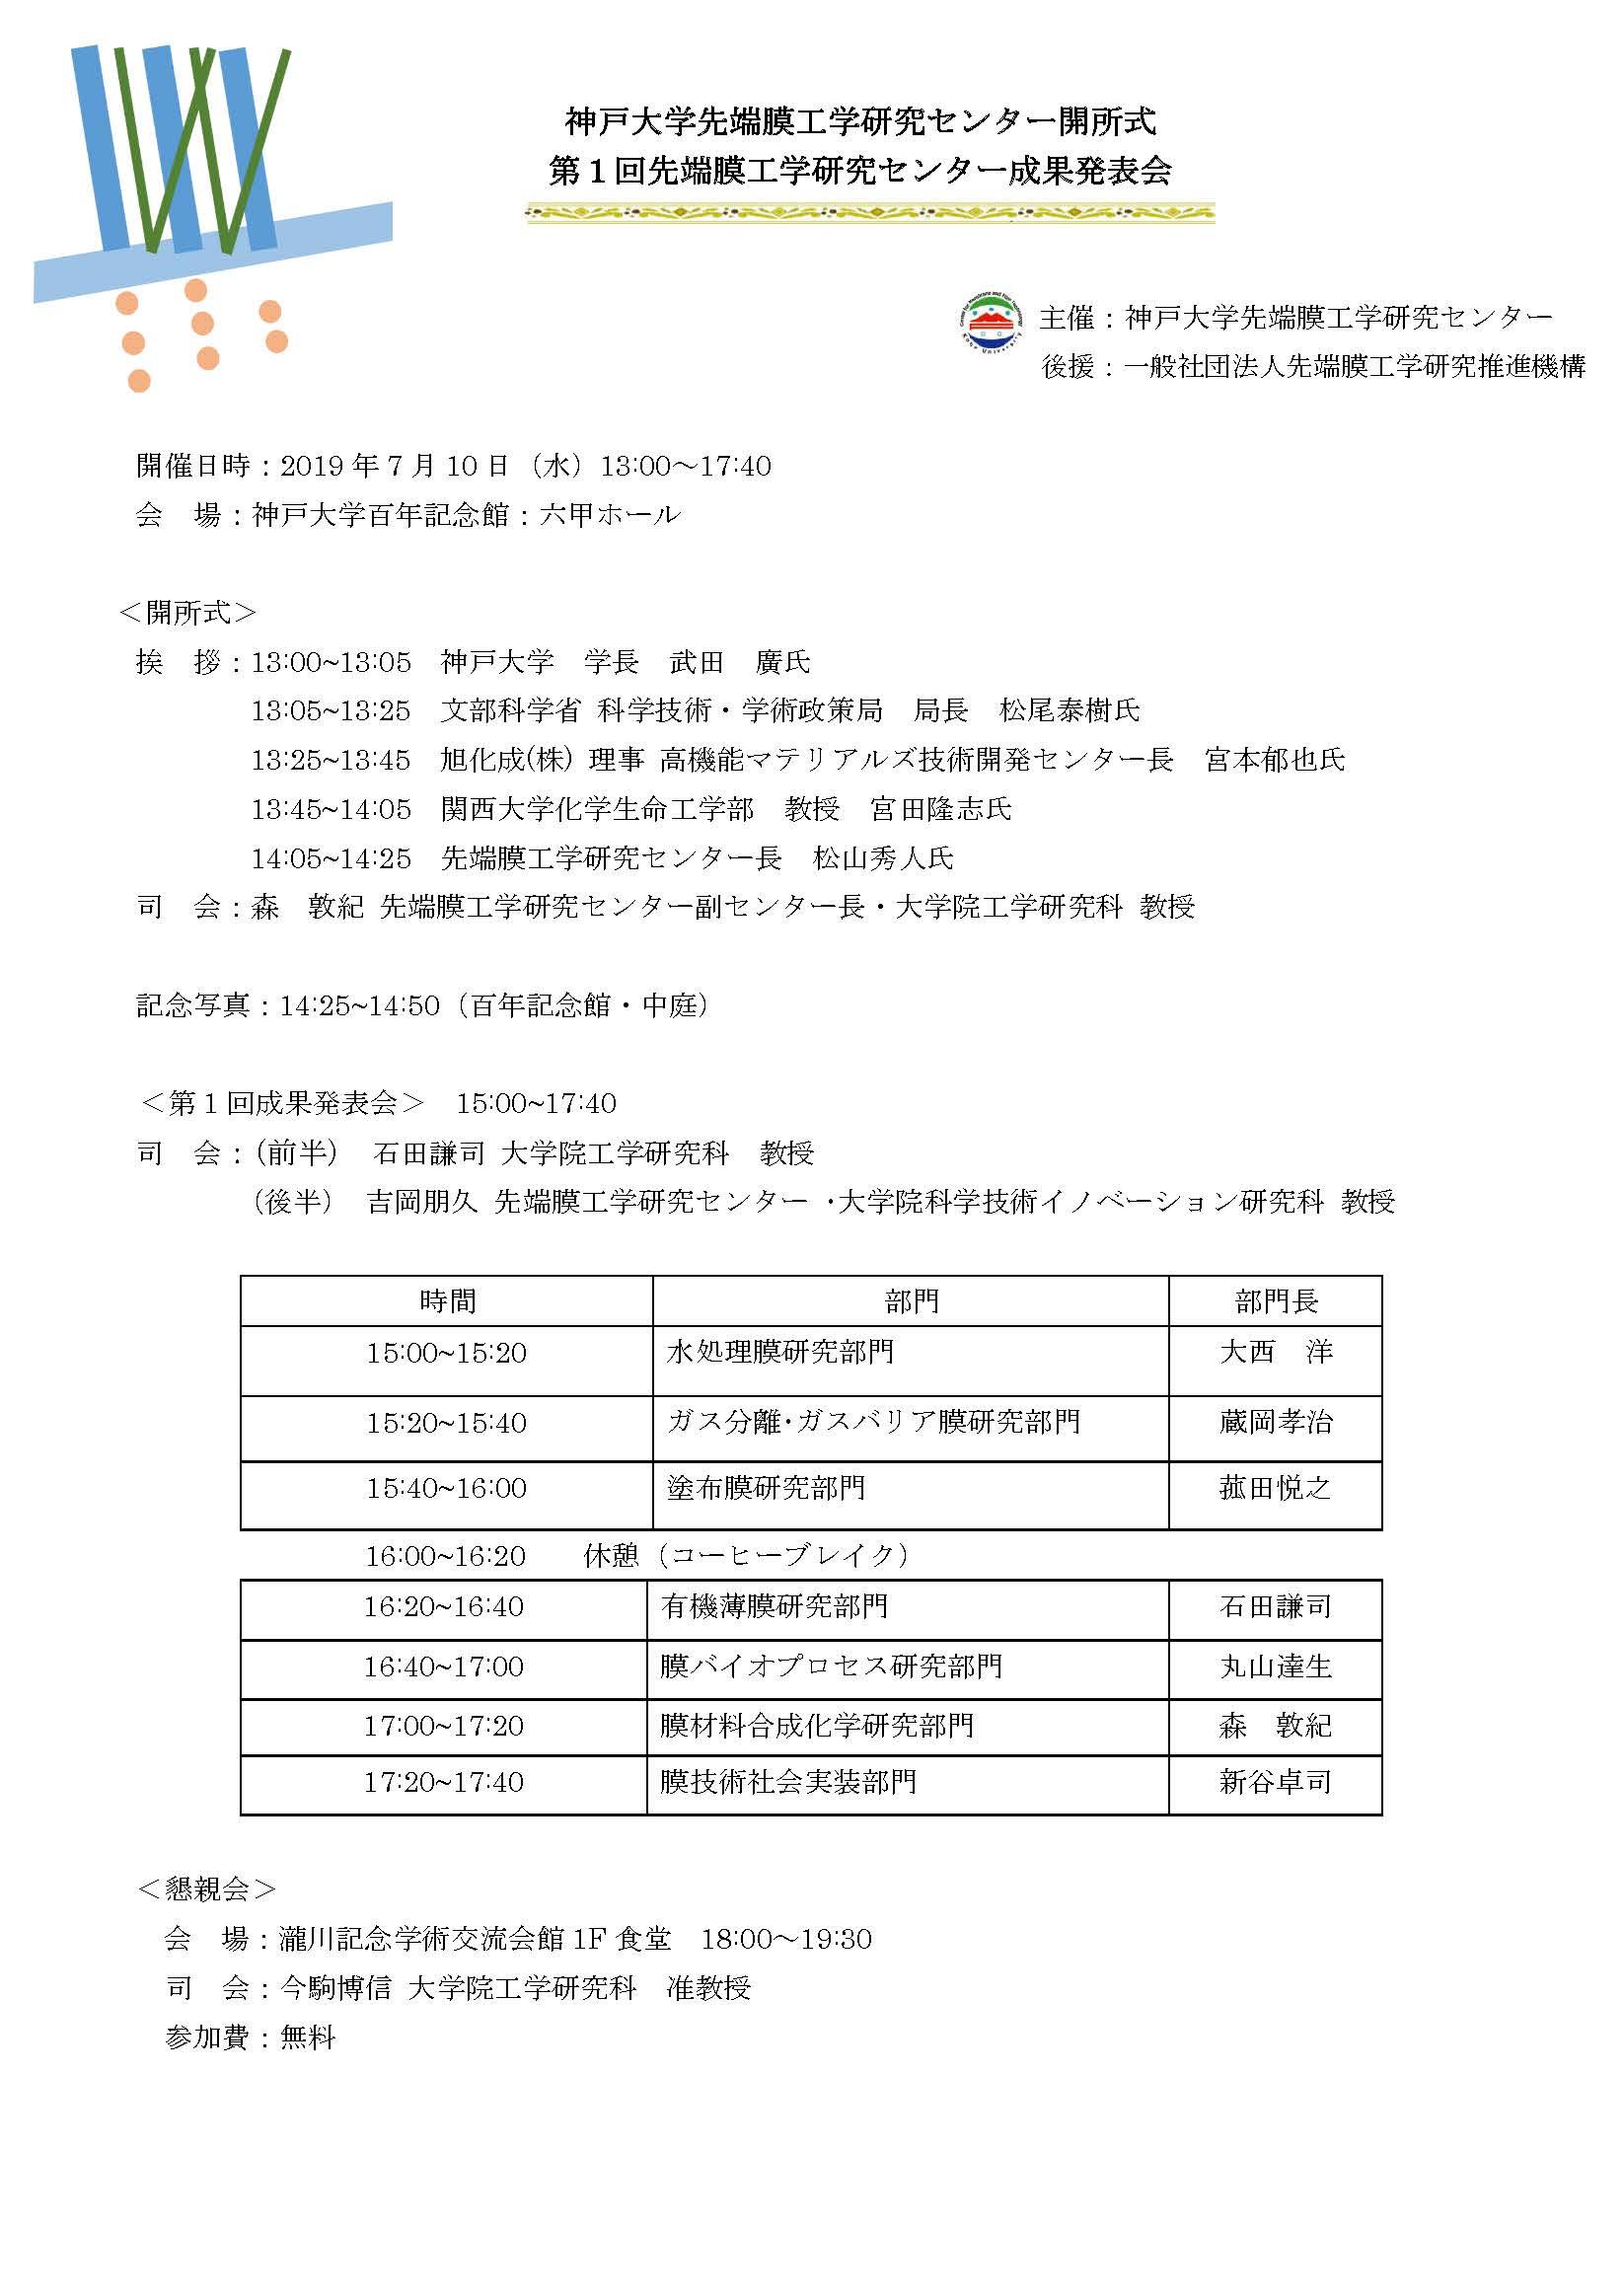 2019_07_10神戸大学先端膜研究センター開所式